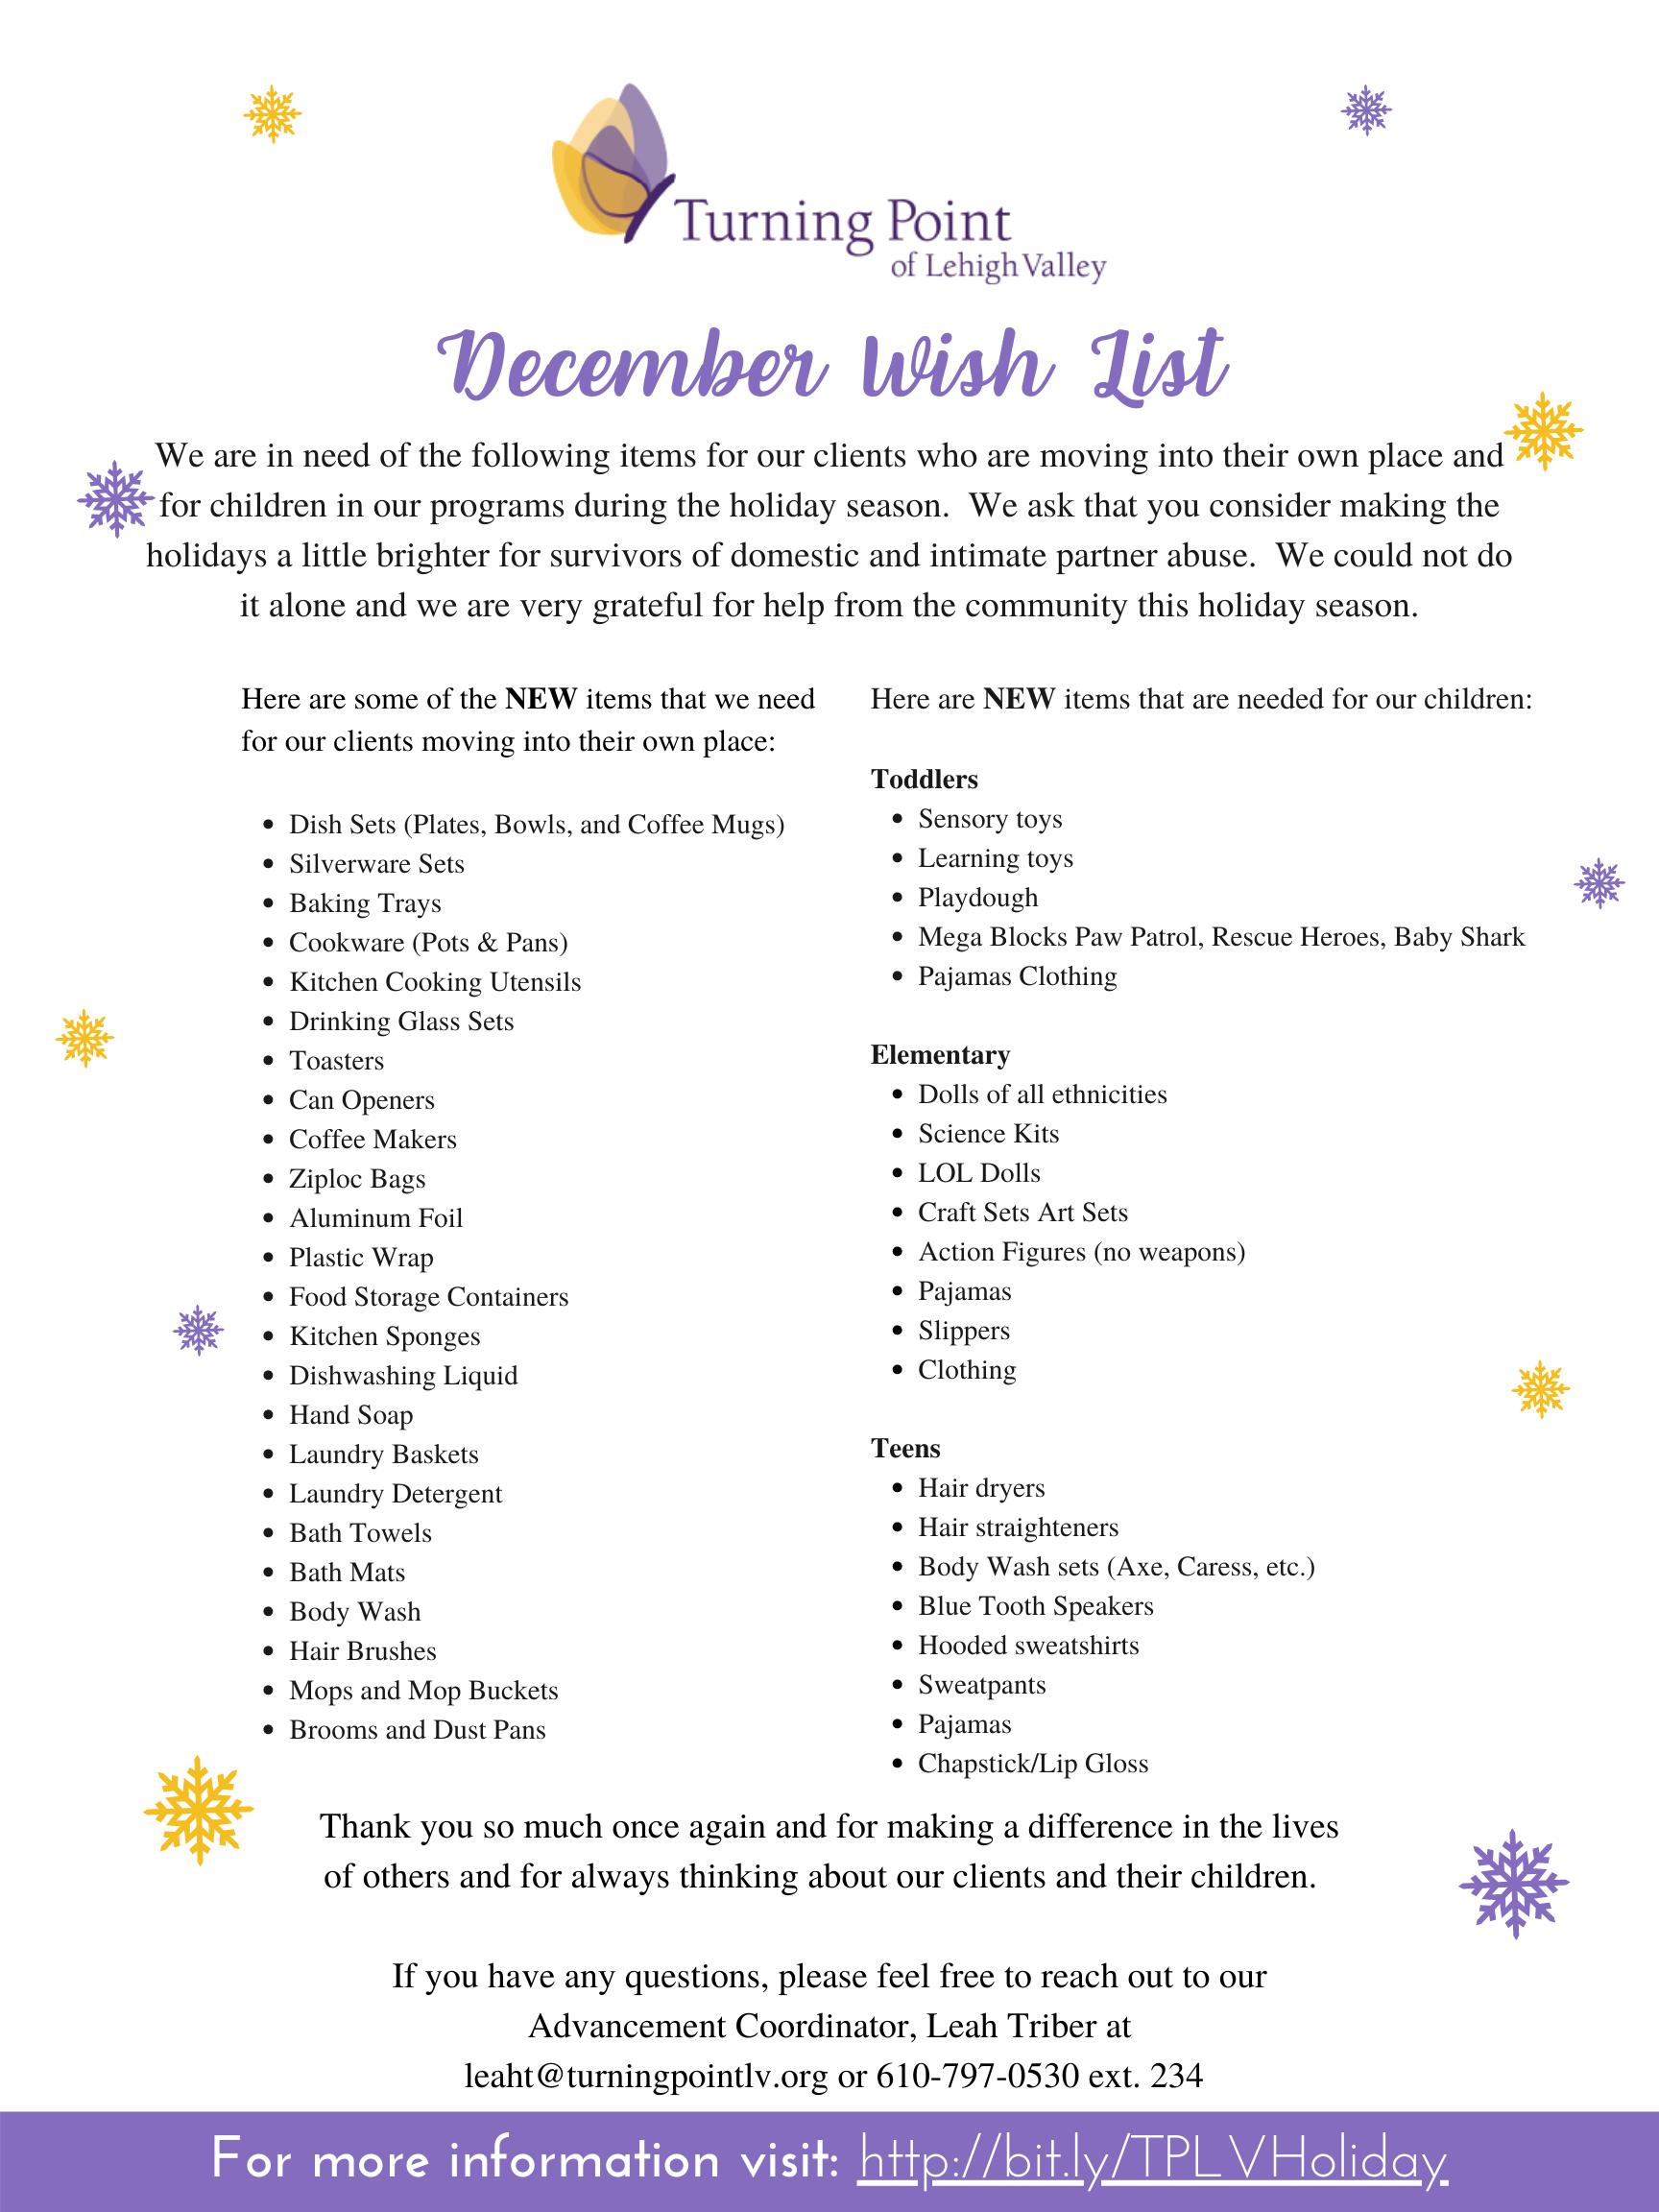 Holiday Wish List Needs 2020